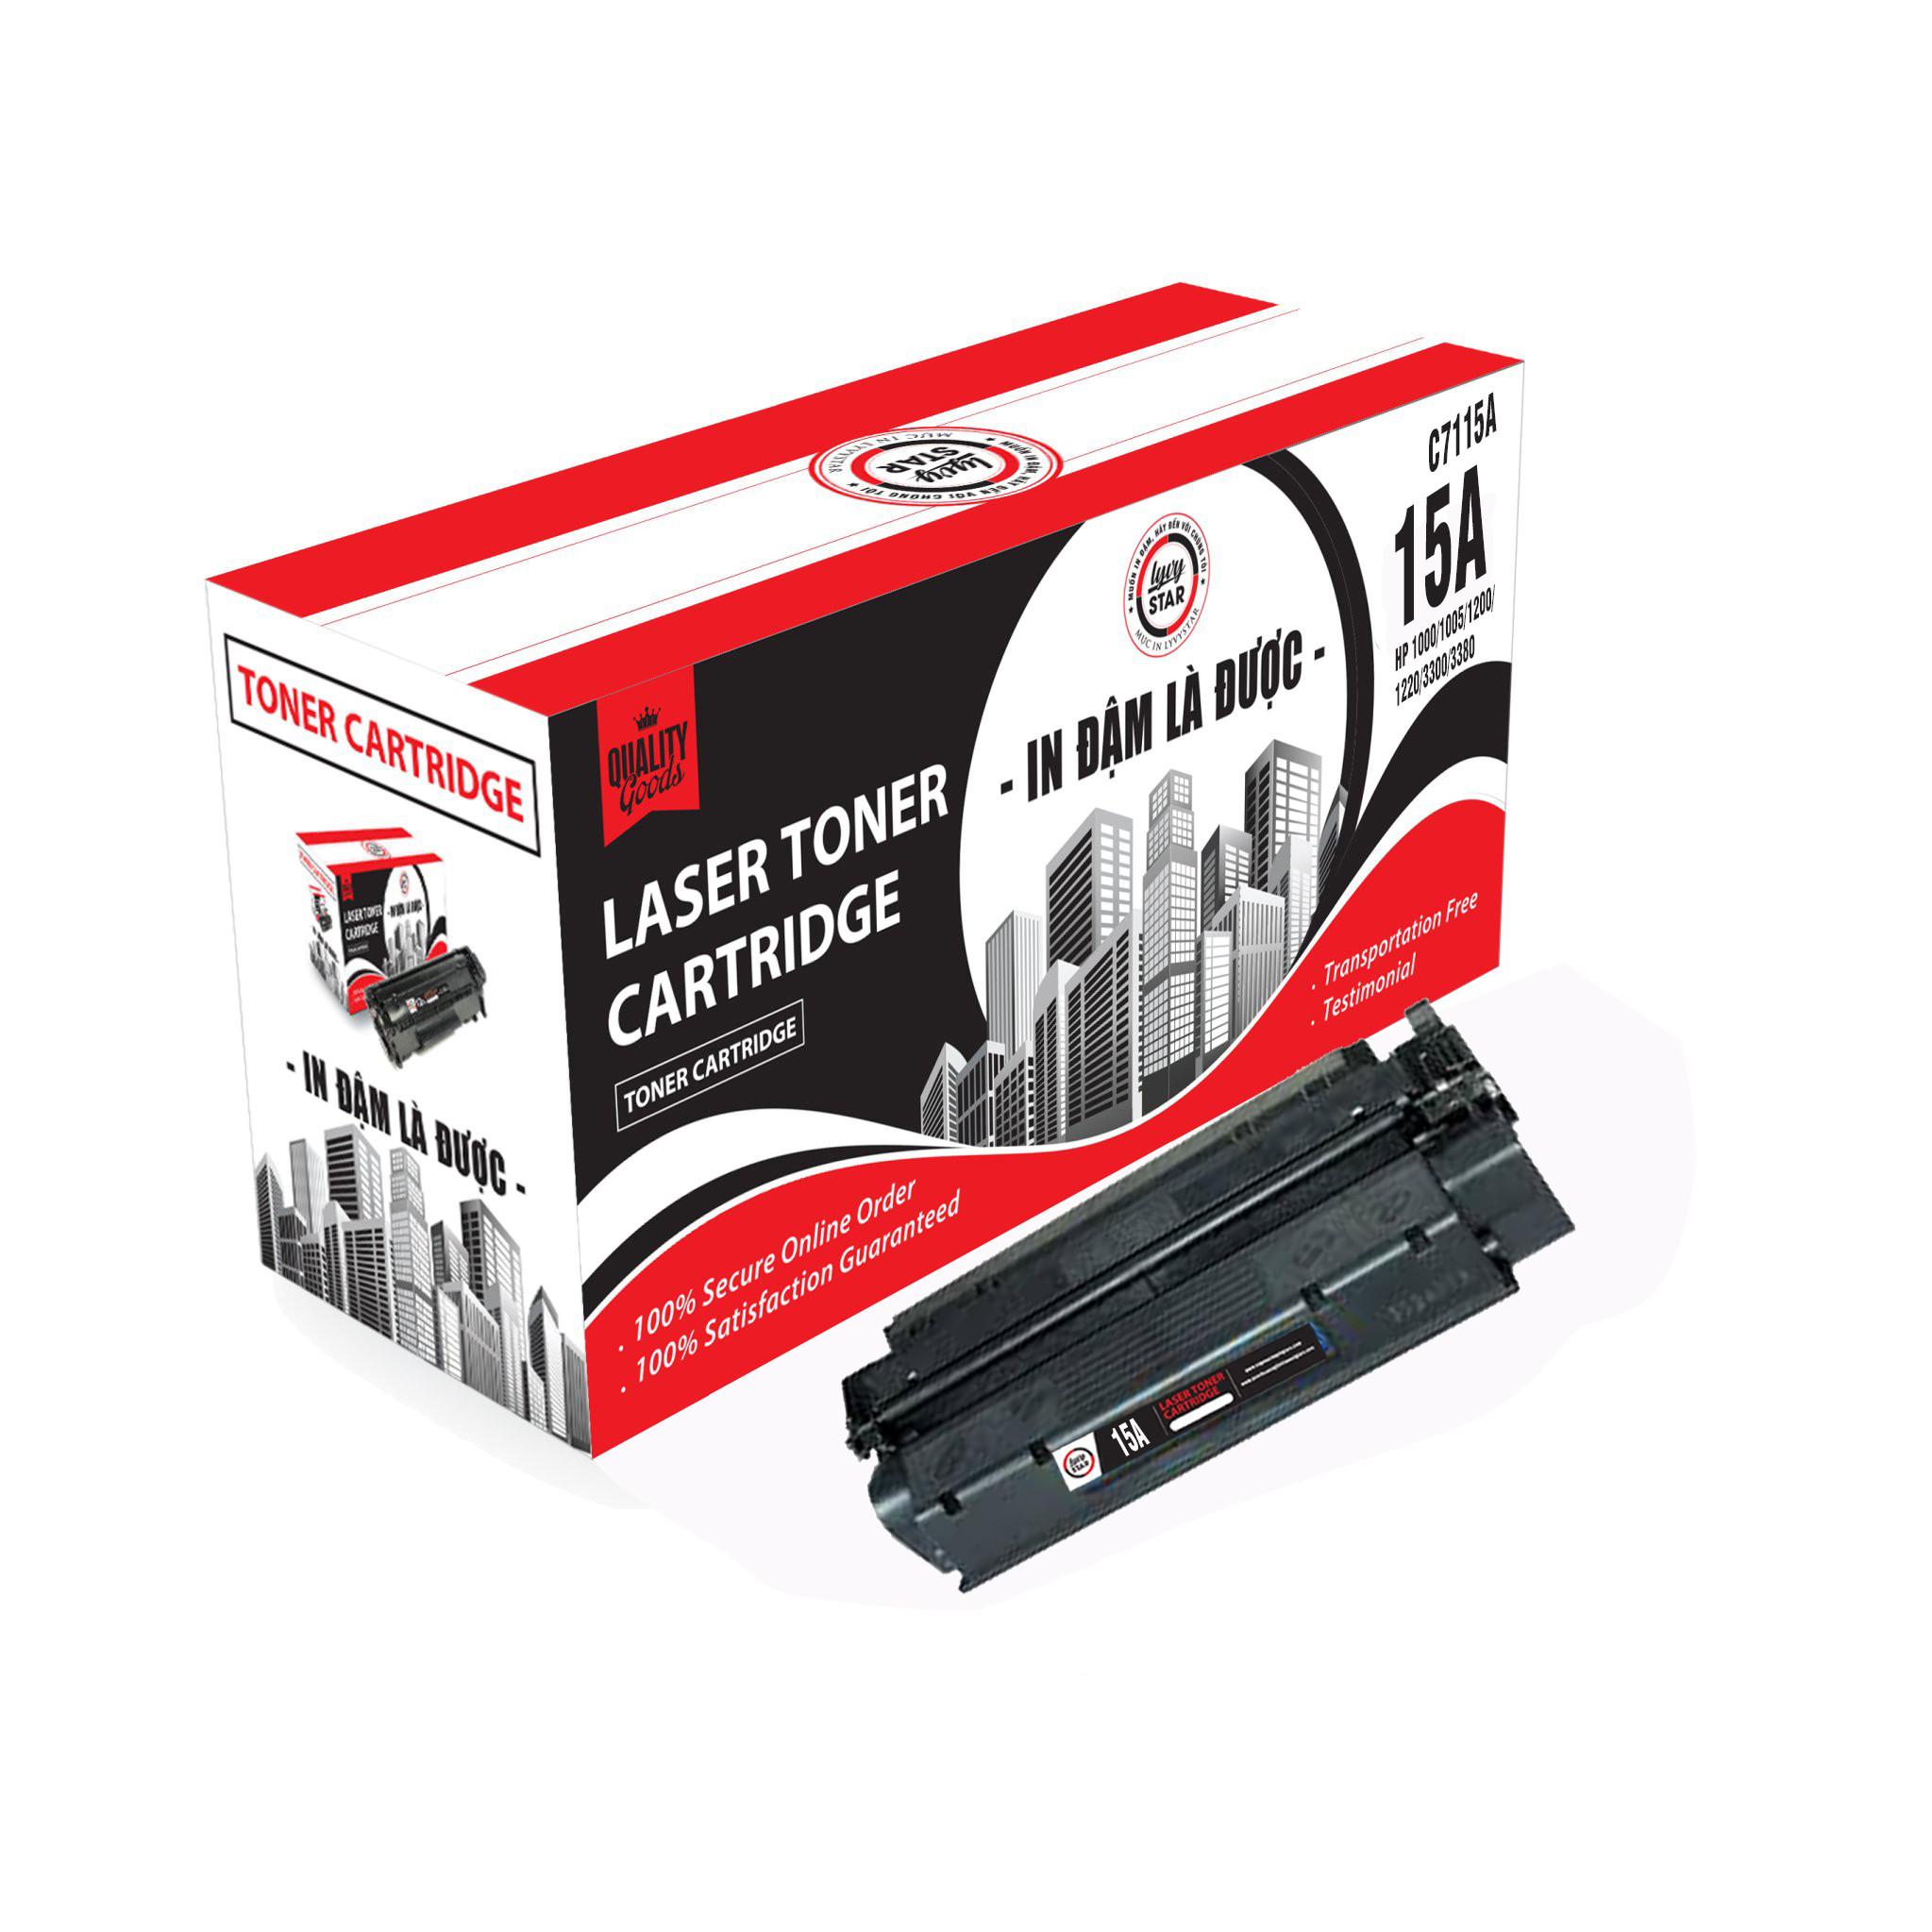 Mực in Lyvystar Laser đen trắng 15A (C7115A) dùng cho máy HP 3300MFP - Hàng chính hãng